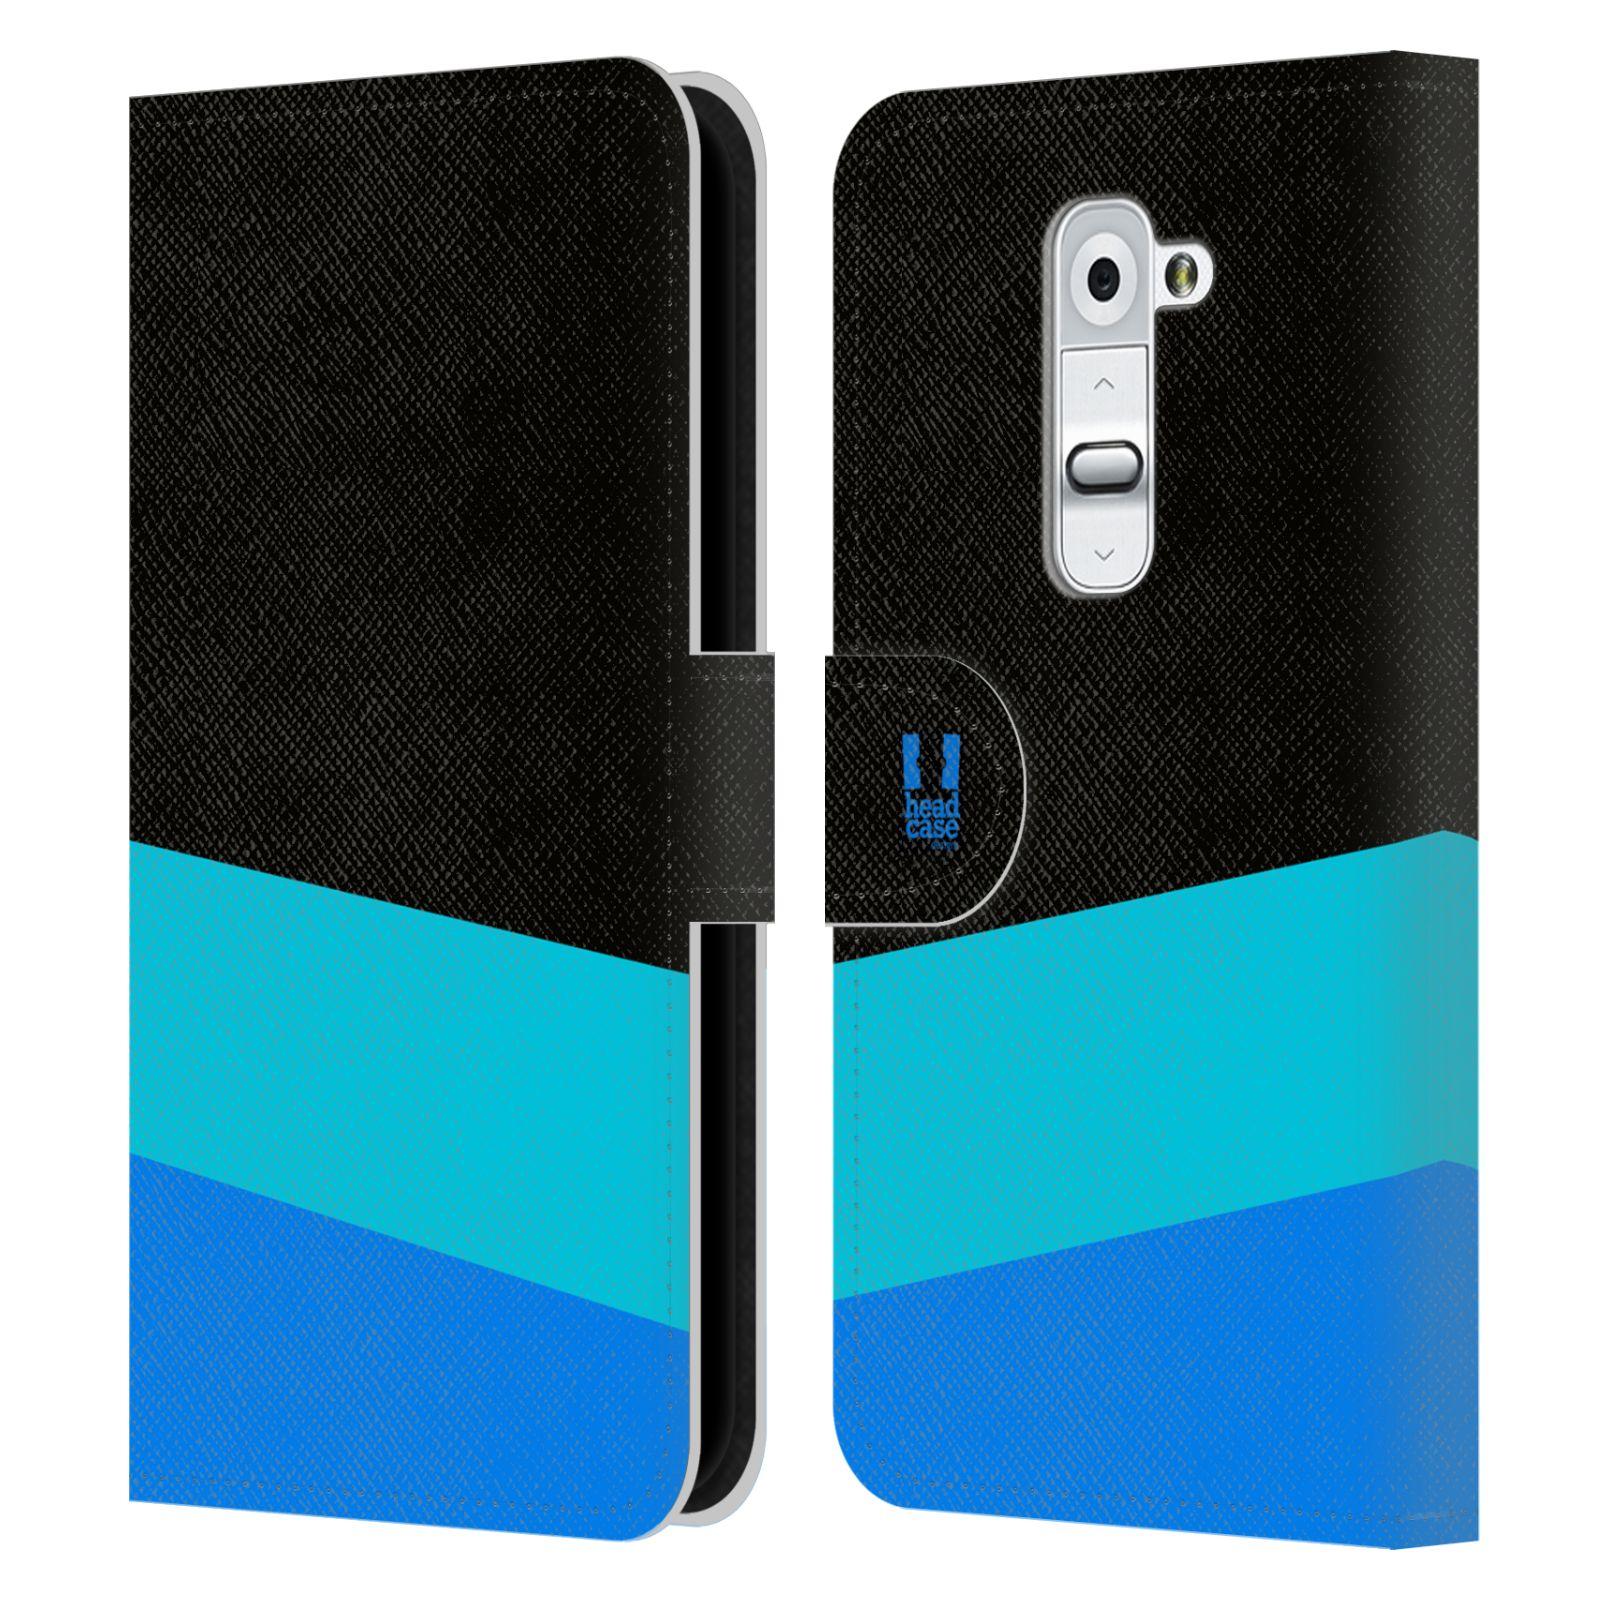 HEAD CASE Flipové pouzdro pro mobil LG G2 barevné tvary modrá a černá FORMAL